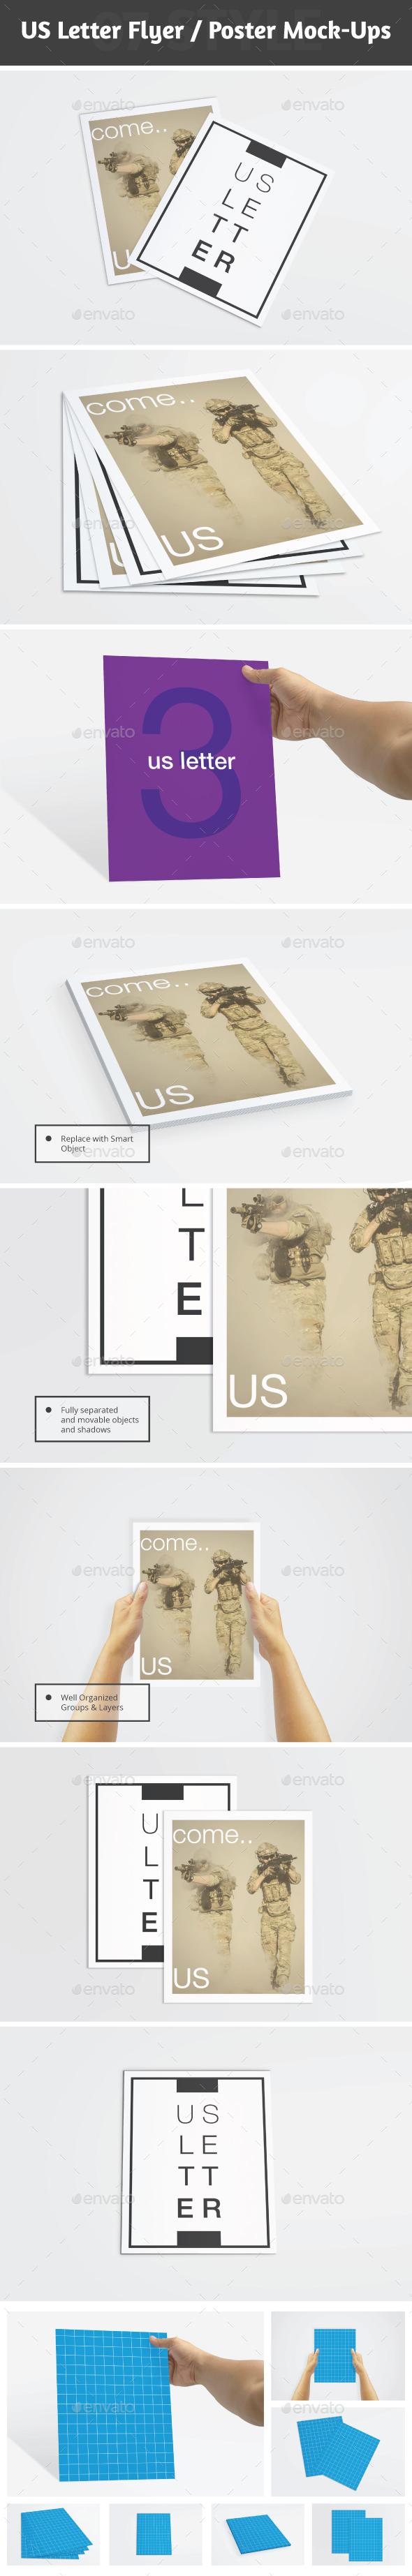 US Letter Flyer / Resume / Brochure Mockups - Brochures Print